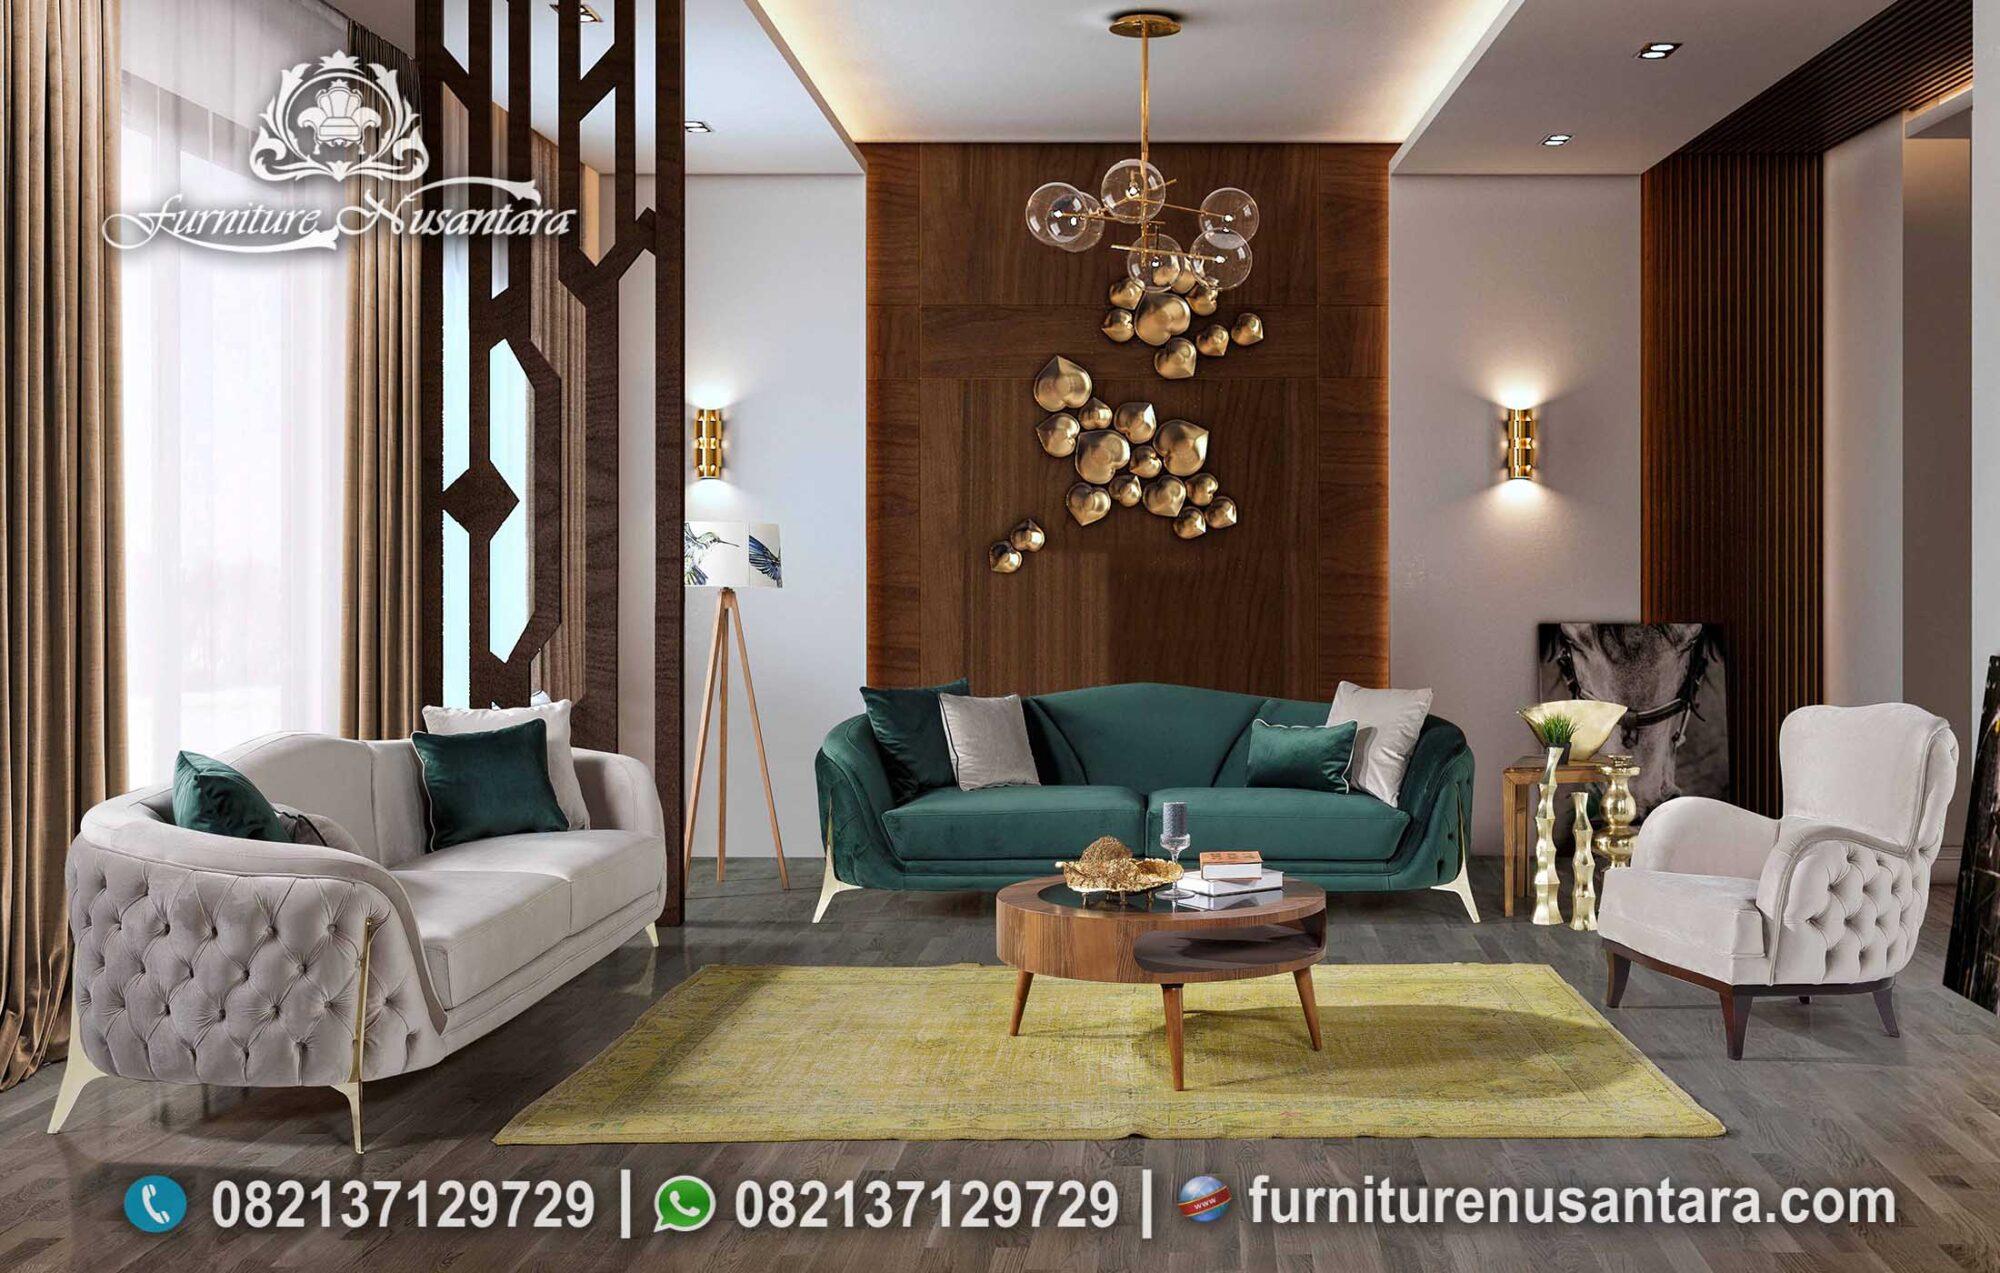 Harga Sofa Set Minimalis Terbaik ST-10, Furniture Nusantara